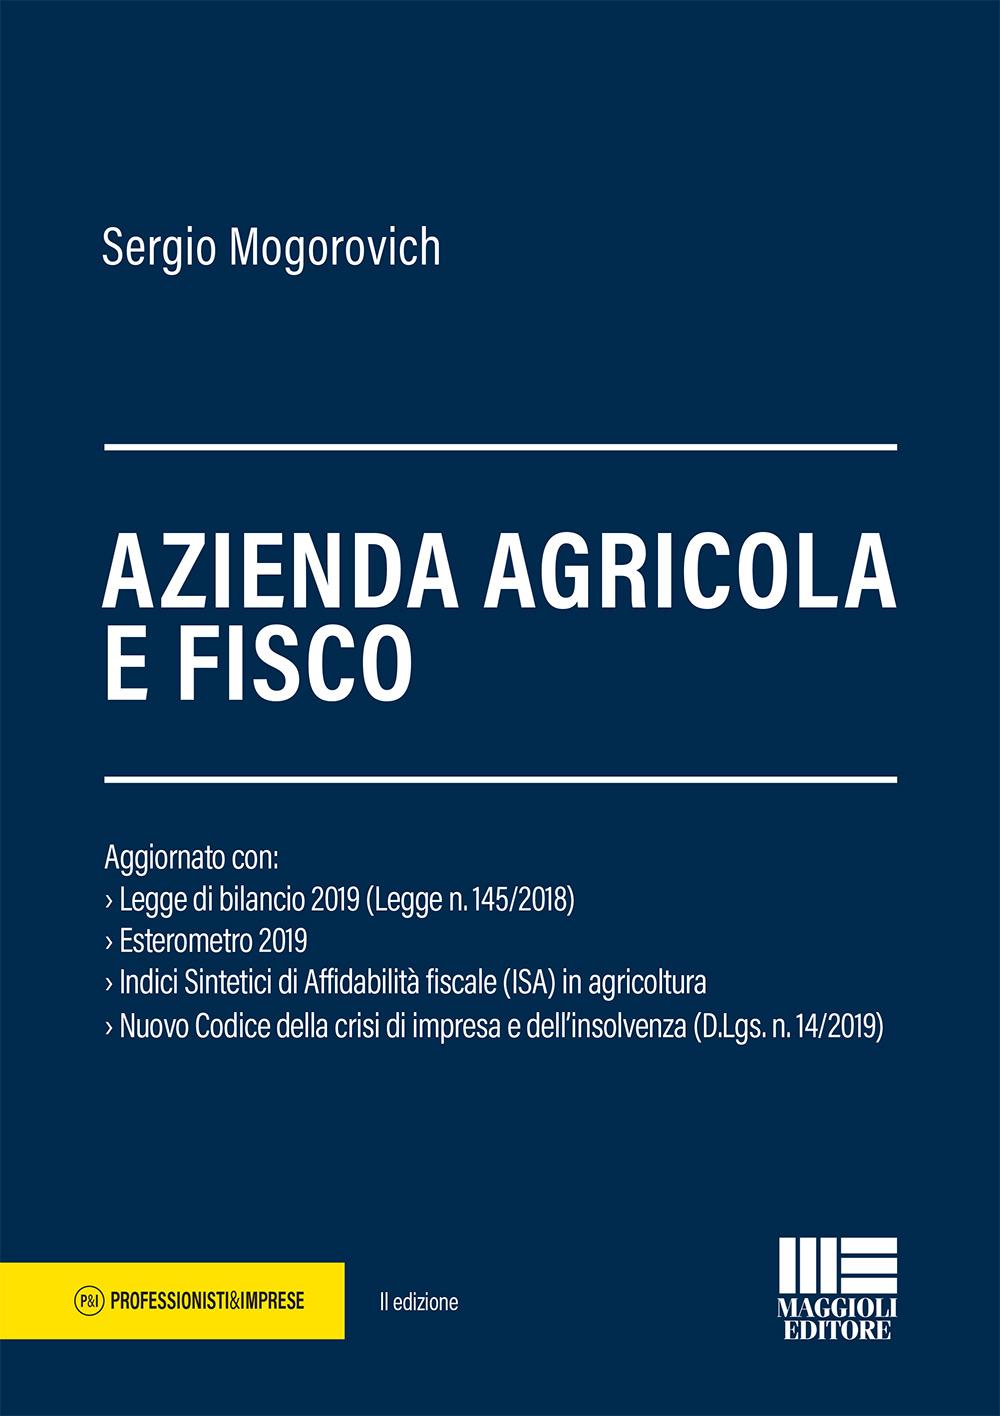 Azienda agricola e fisco - Libro Carta